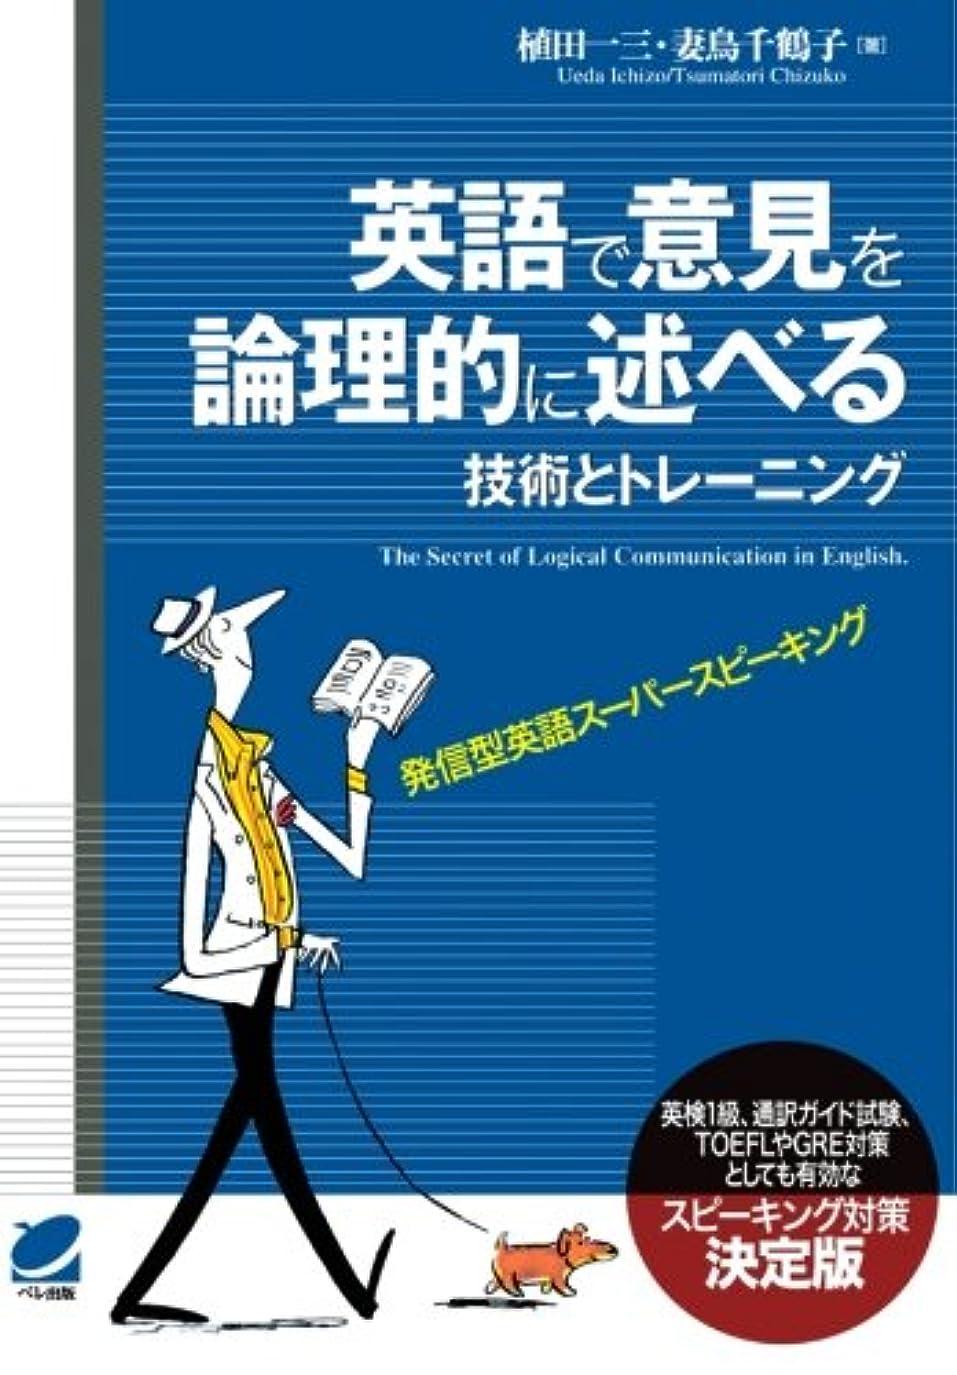 コーデリア関係する海外英語で意見を論理的に述べる技術とトレーニング